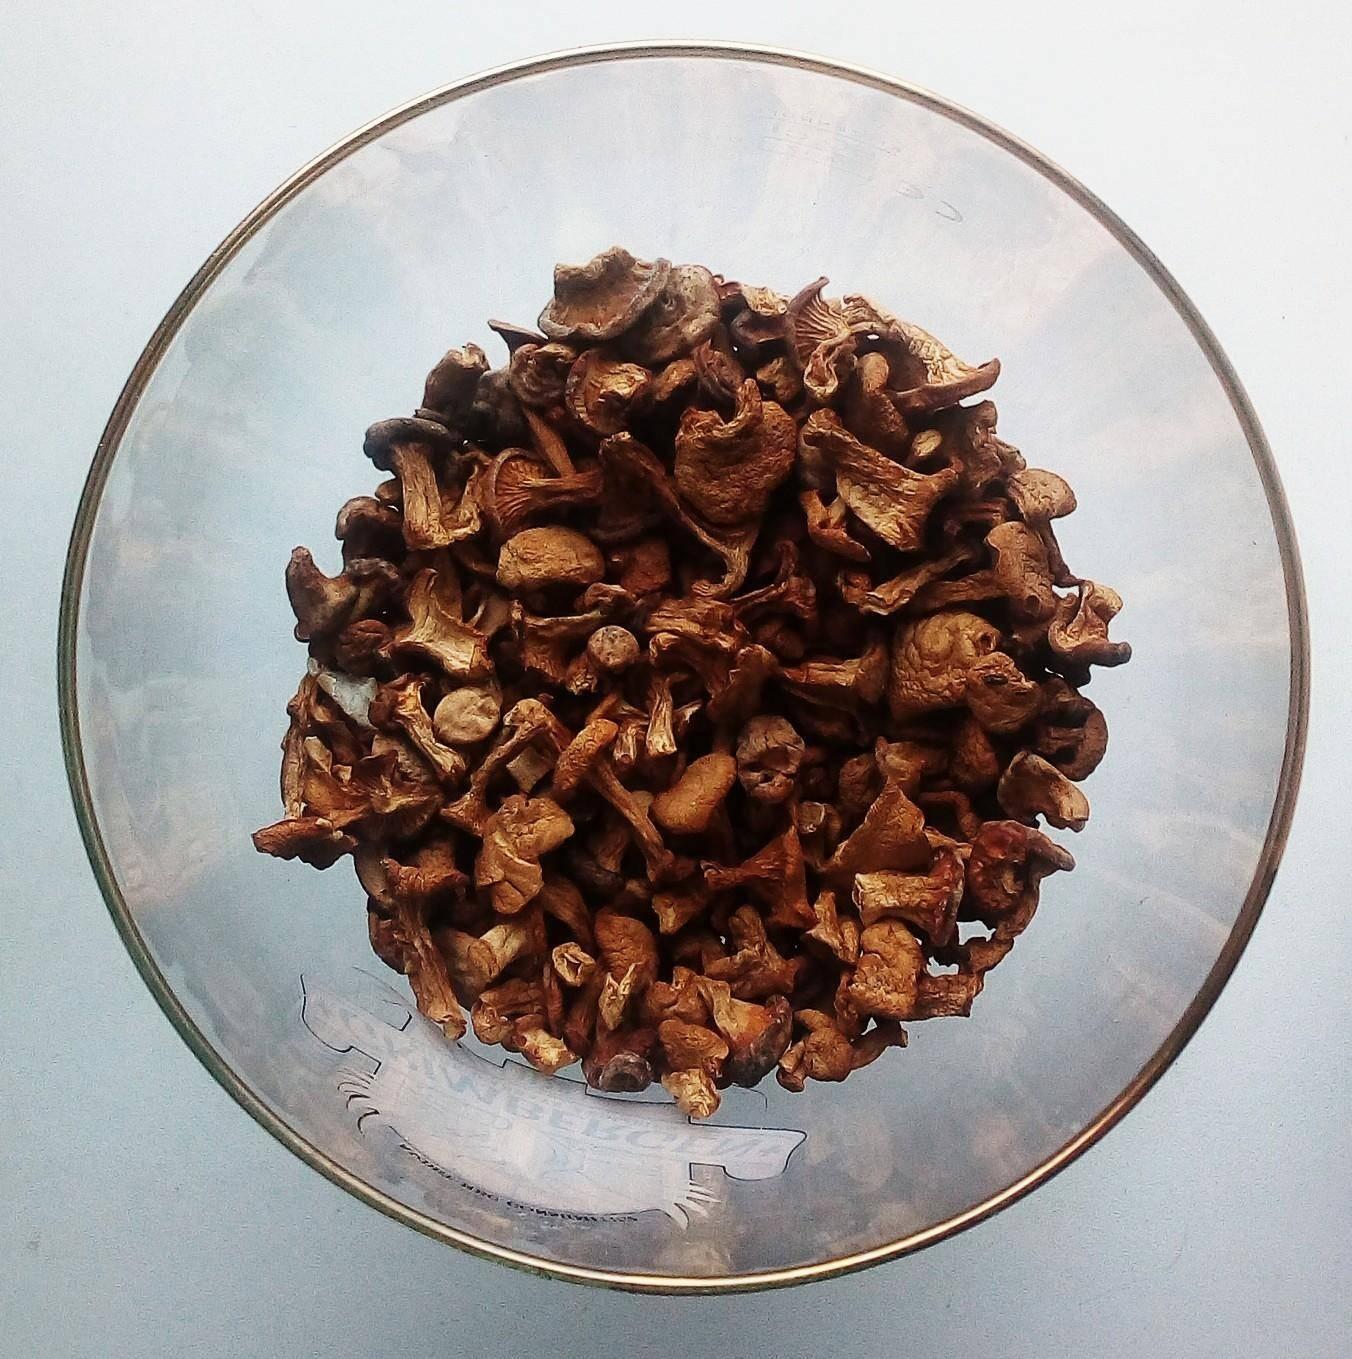 лисички от глистов рецепт